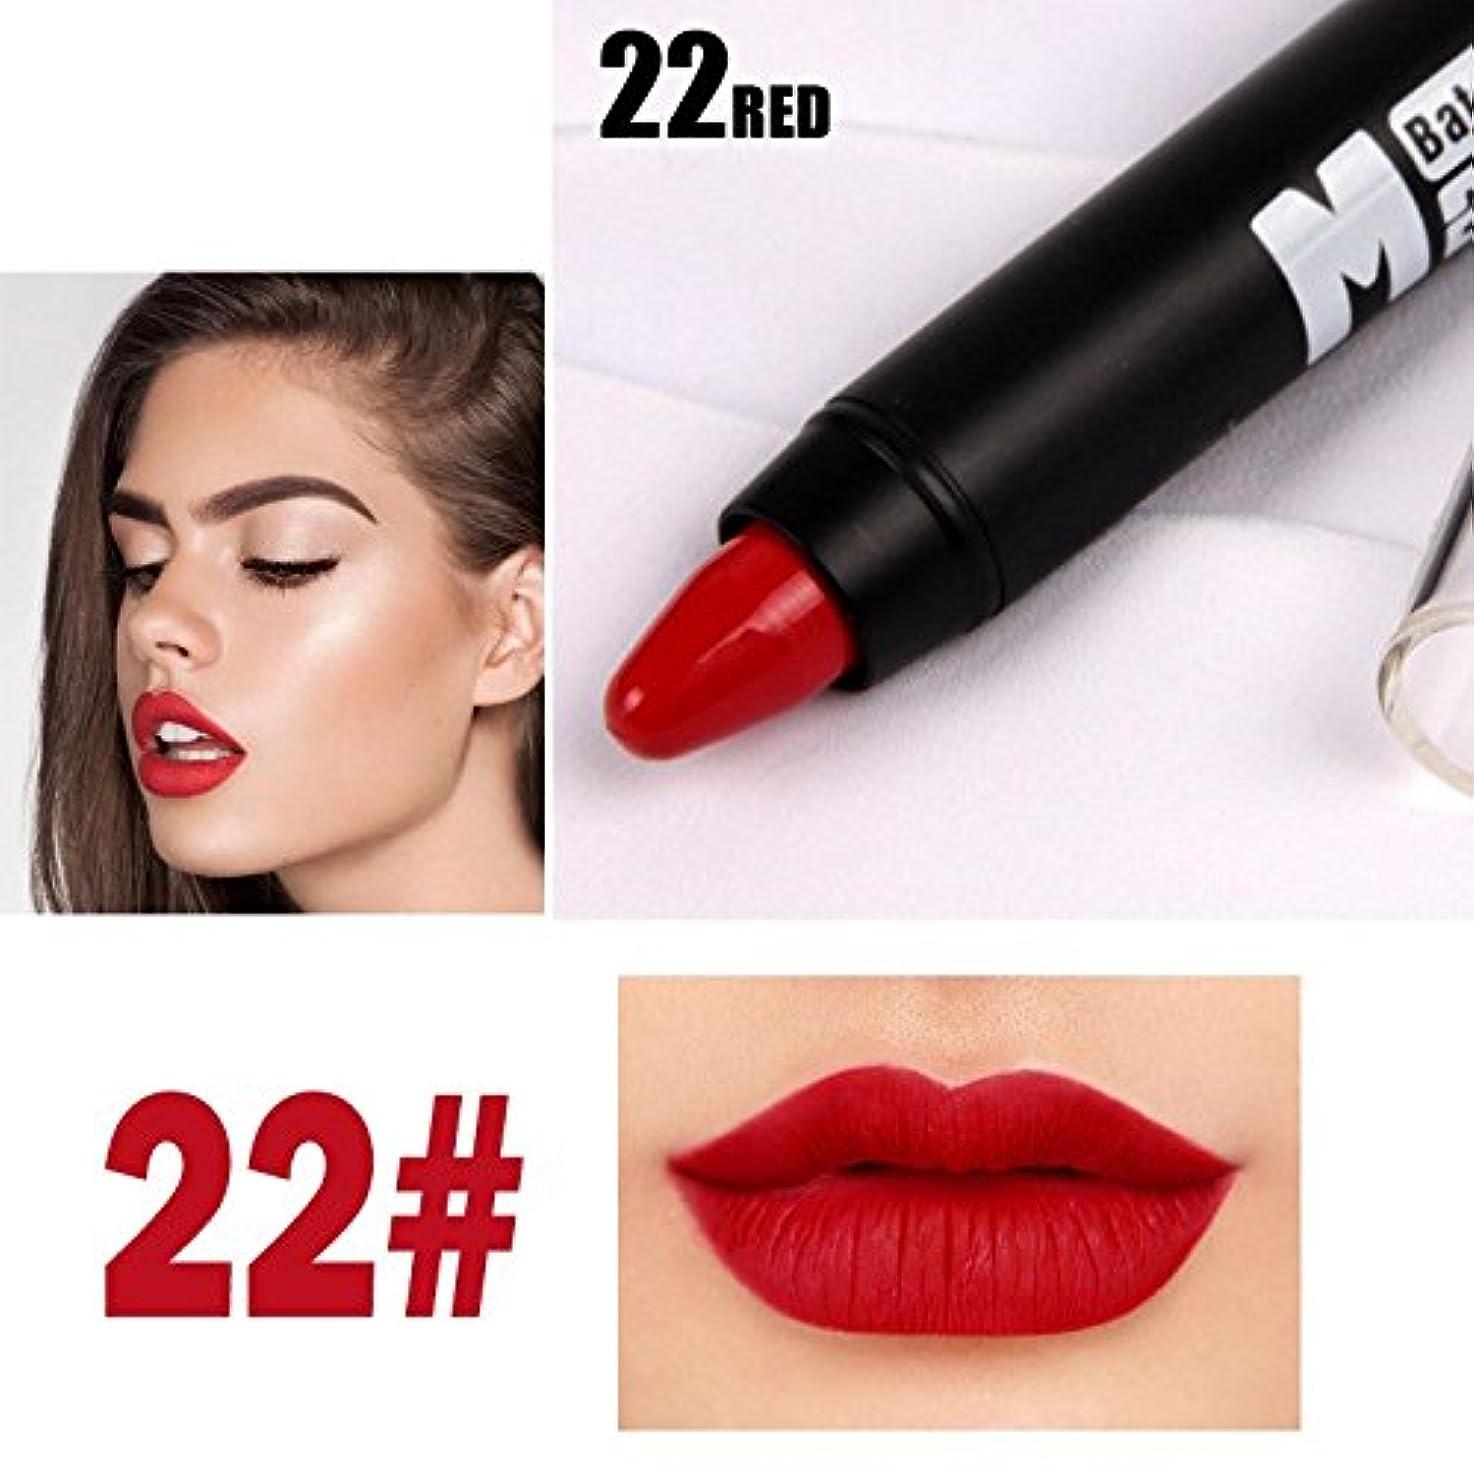 申し込むキャッチ国際MISS ROSE Professional Women Waterproof Lipstick Lips Cream Beauty Lote Batom Matte Lipstick Nude Pencils Makeup